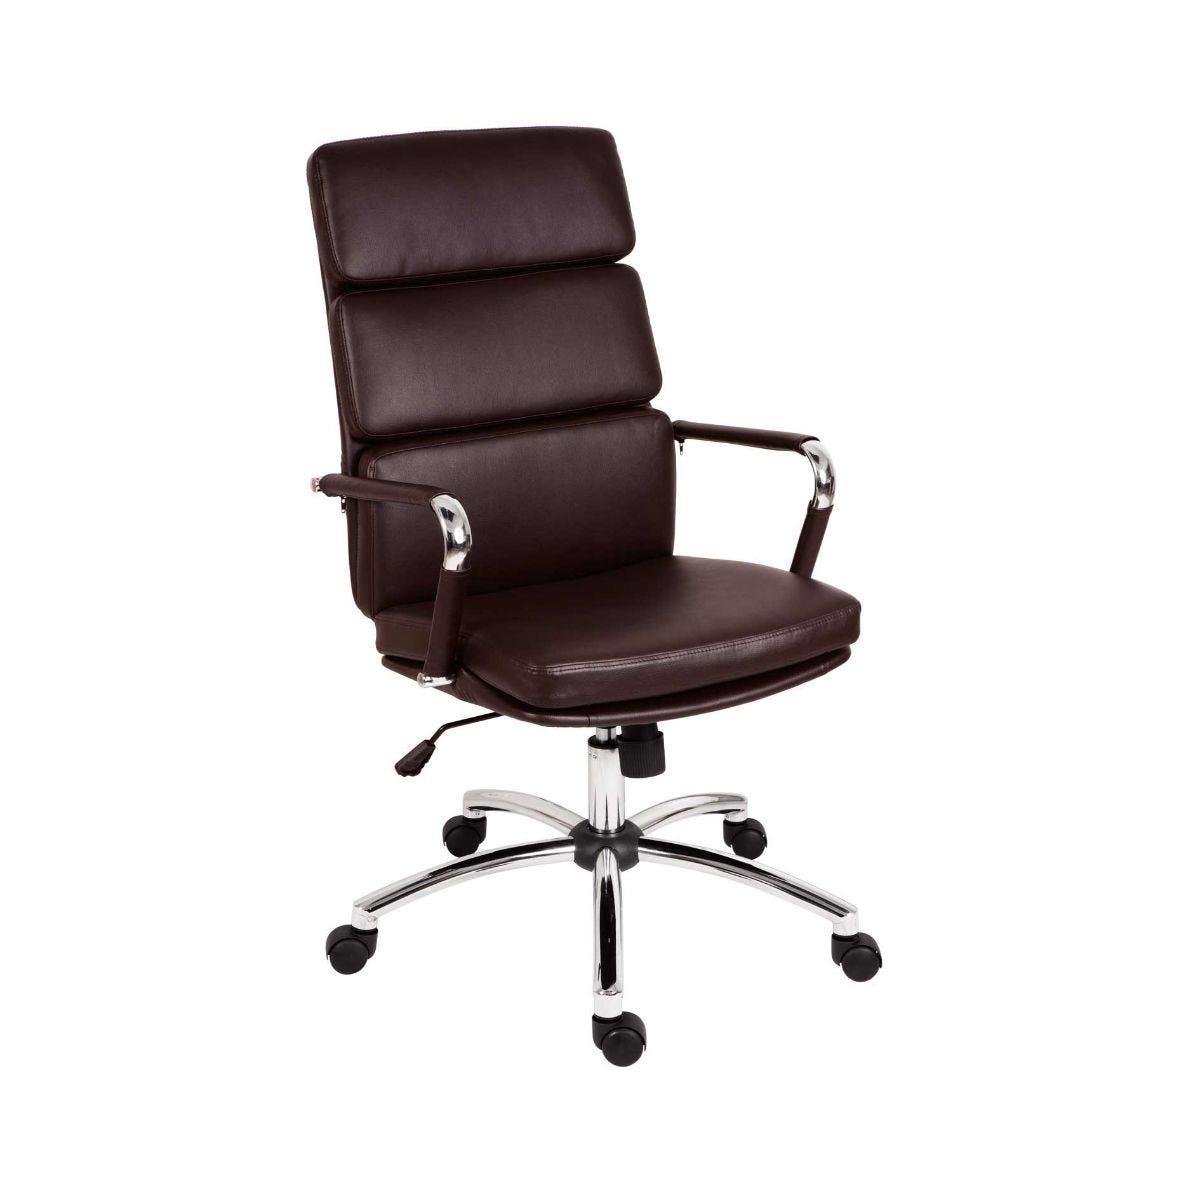 Deco Executive Retro Eames Style Chair Brown